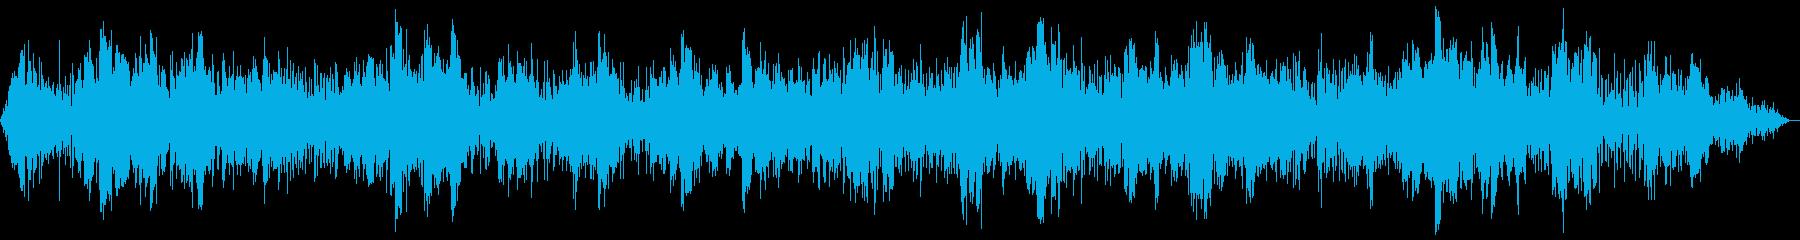 どっしりとしたIDM~エレクトロニカの再生済みの波形